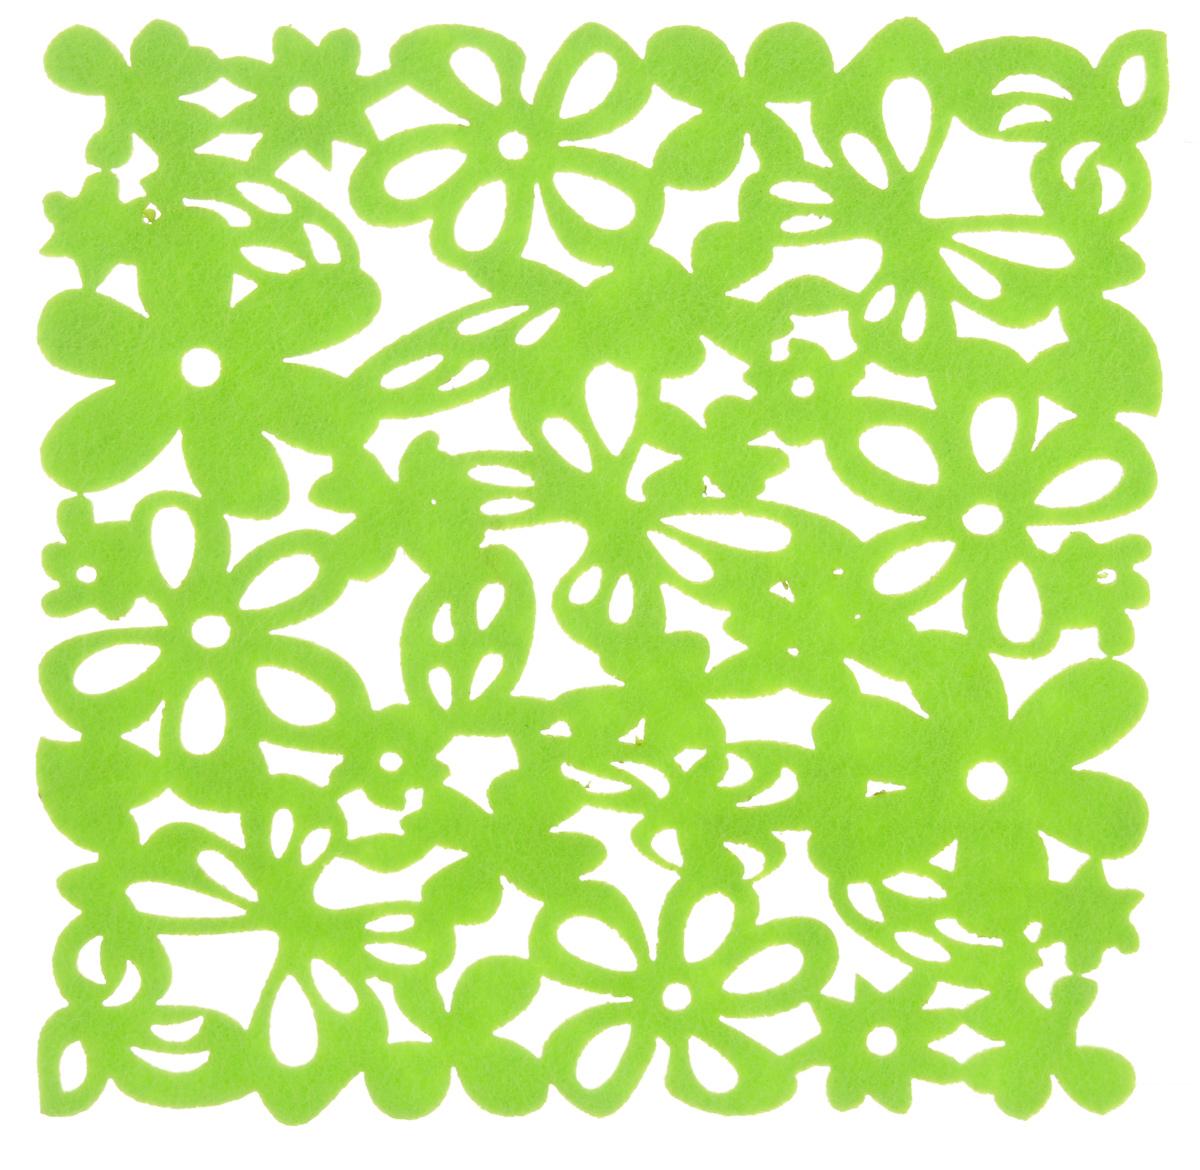 Салфетка-подставка под горячее Blumen Haus, цвет: салатовый, 20 х 20 см. 8201582015_салатовыйКвадратная салфетка-подставка под горячее Blumen Haus изготовлена из фетра и оформлена изысканной перфорацией. Она прекрасно подойдет для украшения интерьера кухни.Каждая хозяйка знает, что подставка под горячее - это незаменимый и очень полезный аксессуар на кухне. Ваш стол будет не только украшен оригинальной подставкой, но и защищен от воздействия высоких температур ваших кулинарных шедевров.